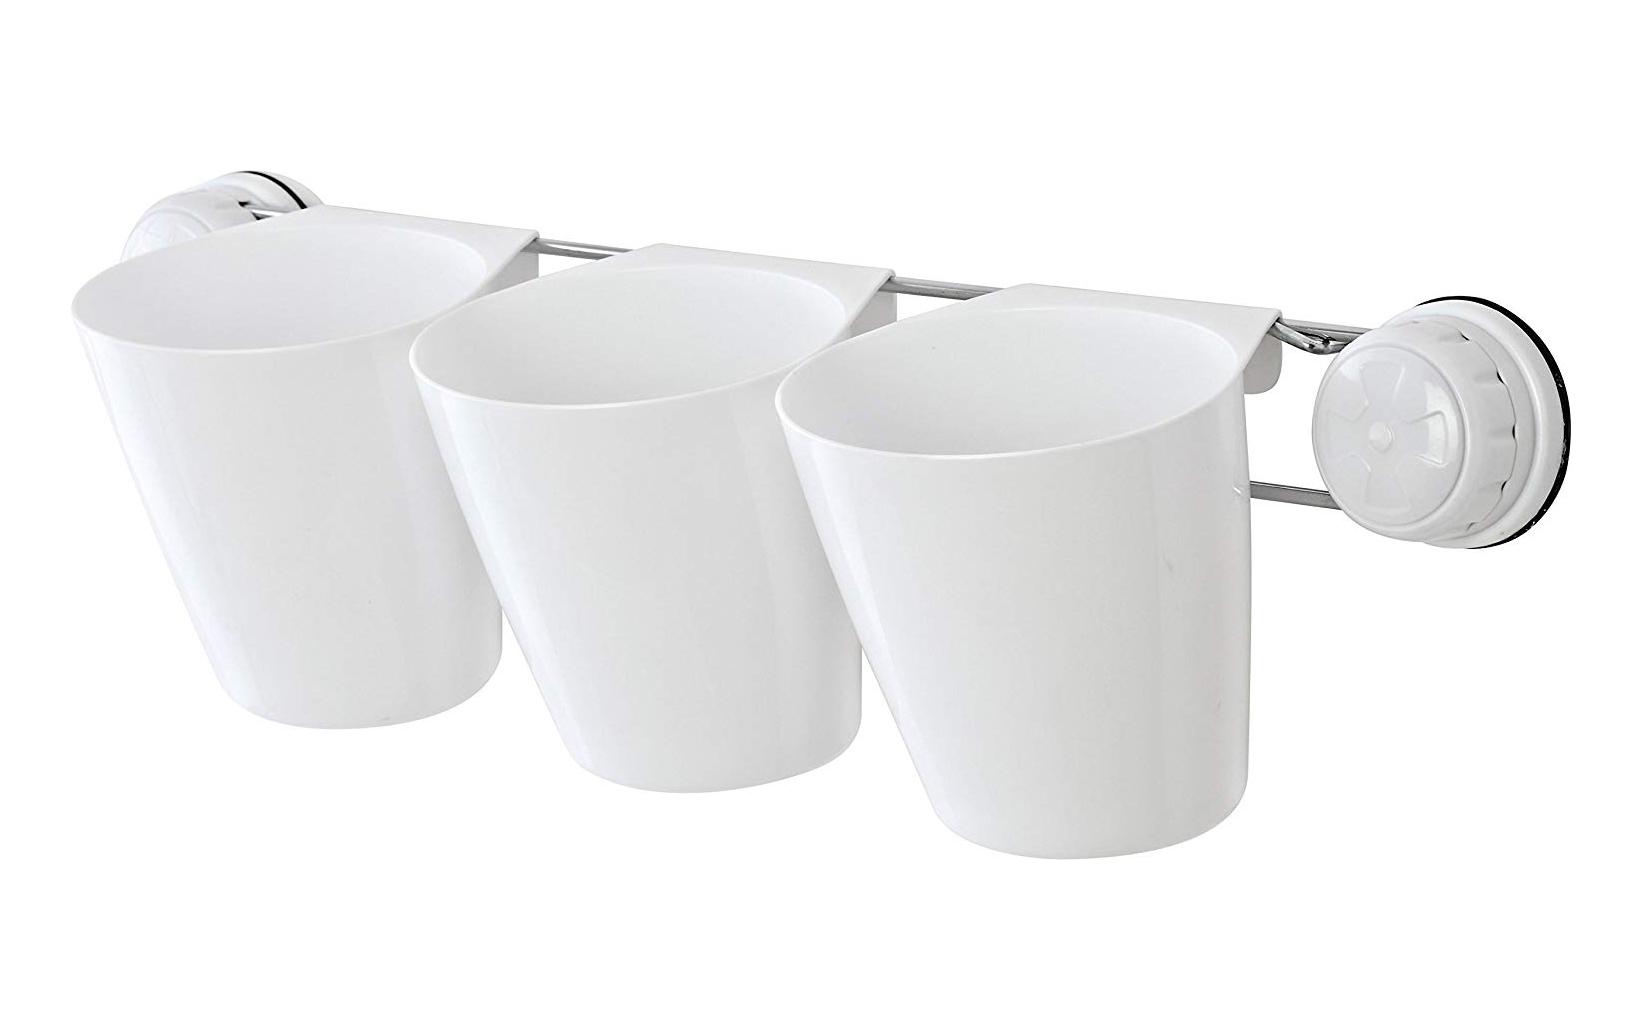 Accessori Da Bagno Con Ventosa : Accessori bagno a parete il miglior prezzo su oltre 37.000